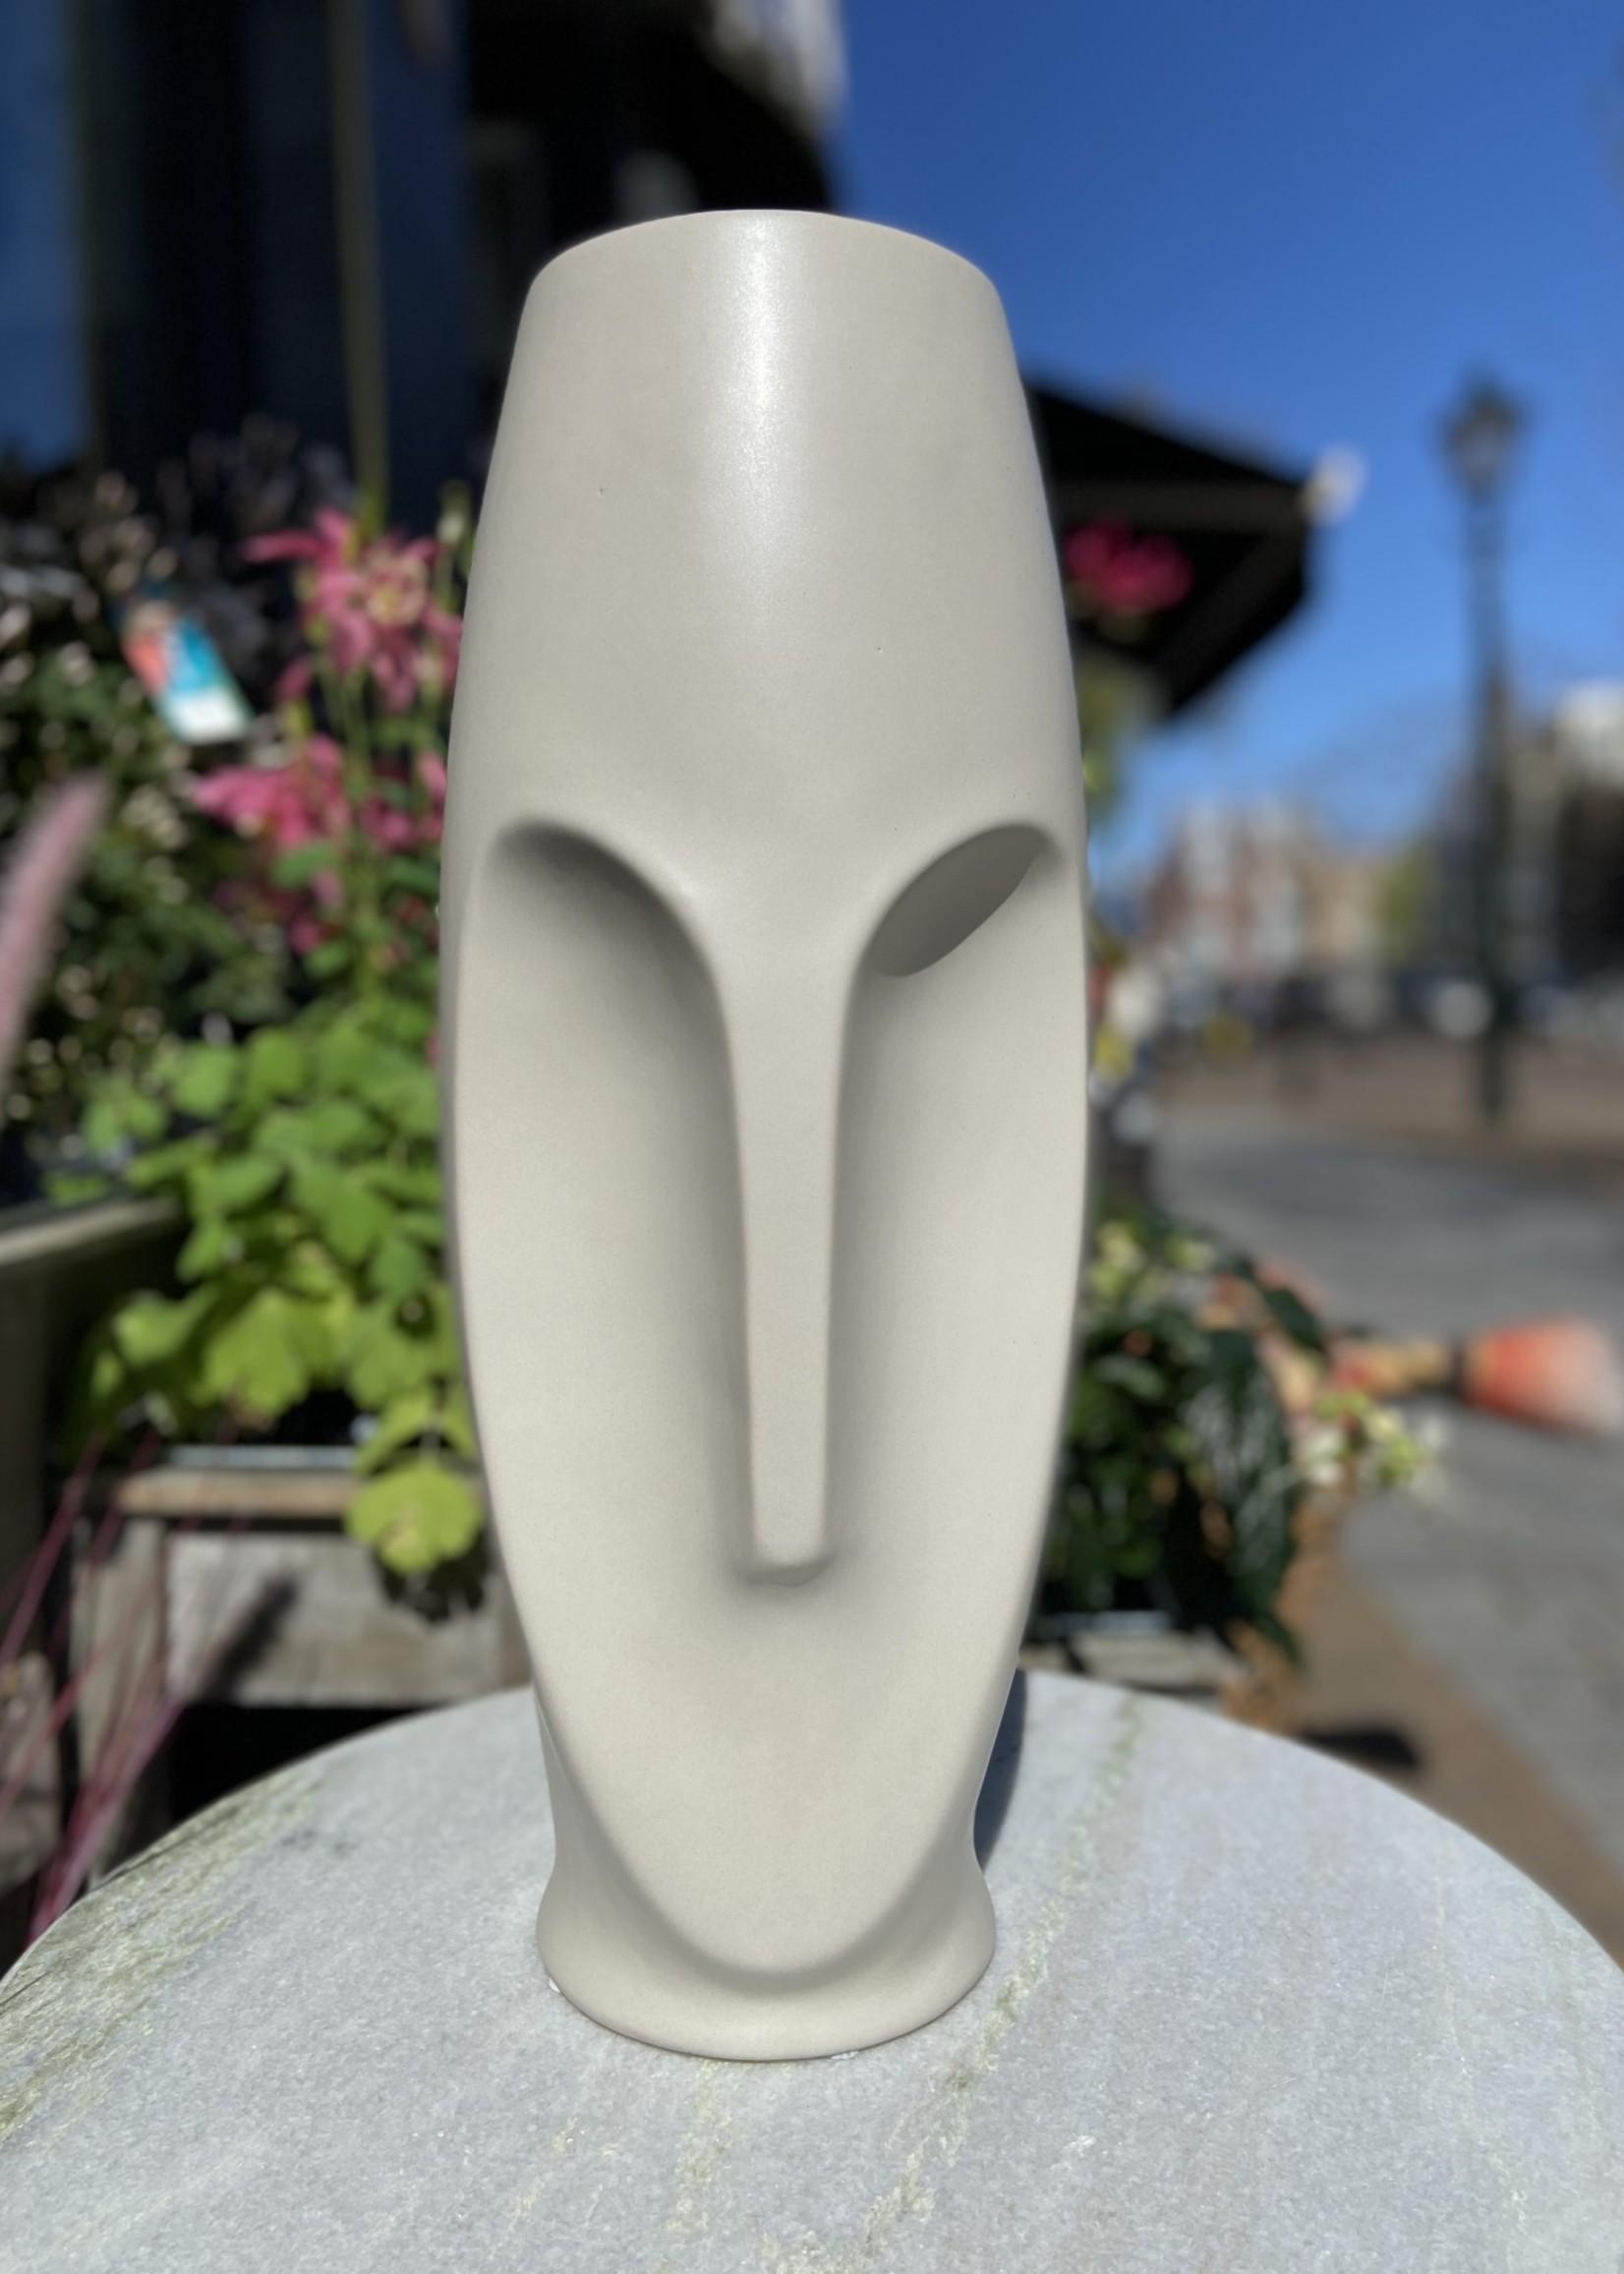 Asiatides Vaas in de vorm van een gezicht Lichtgrijs 41 cm hoog